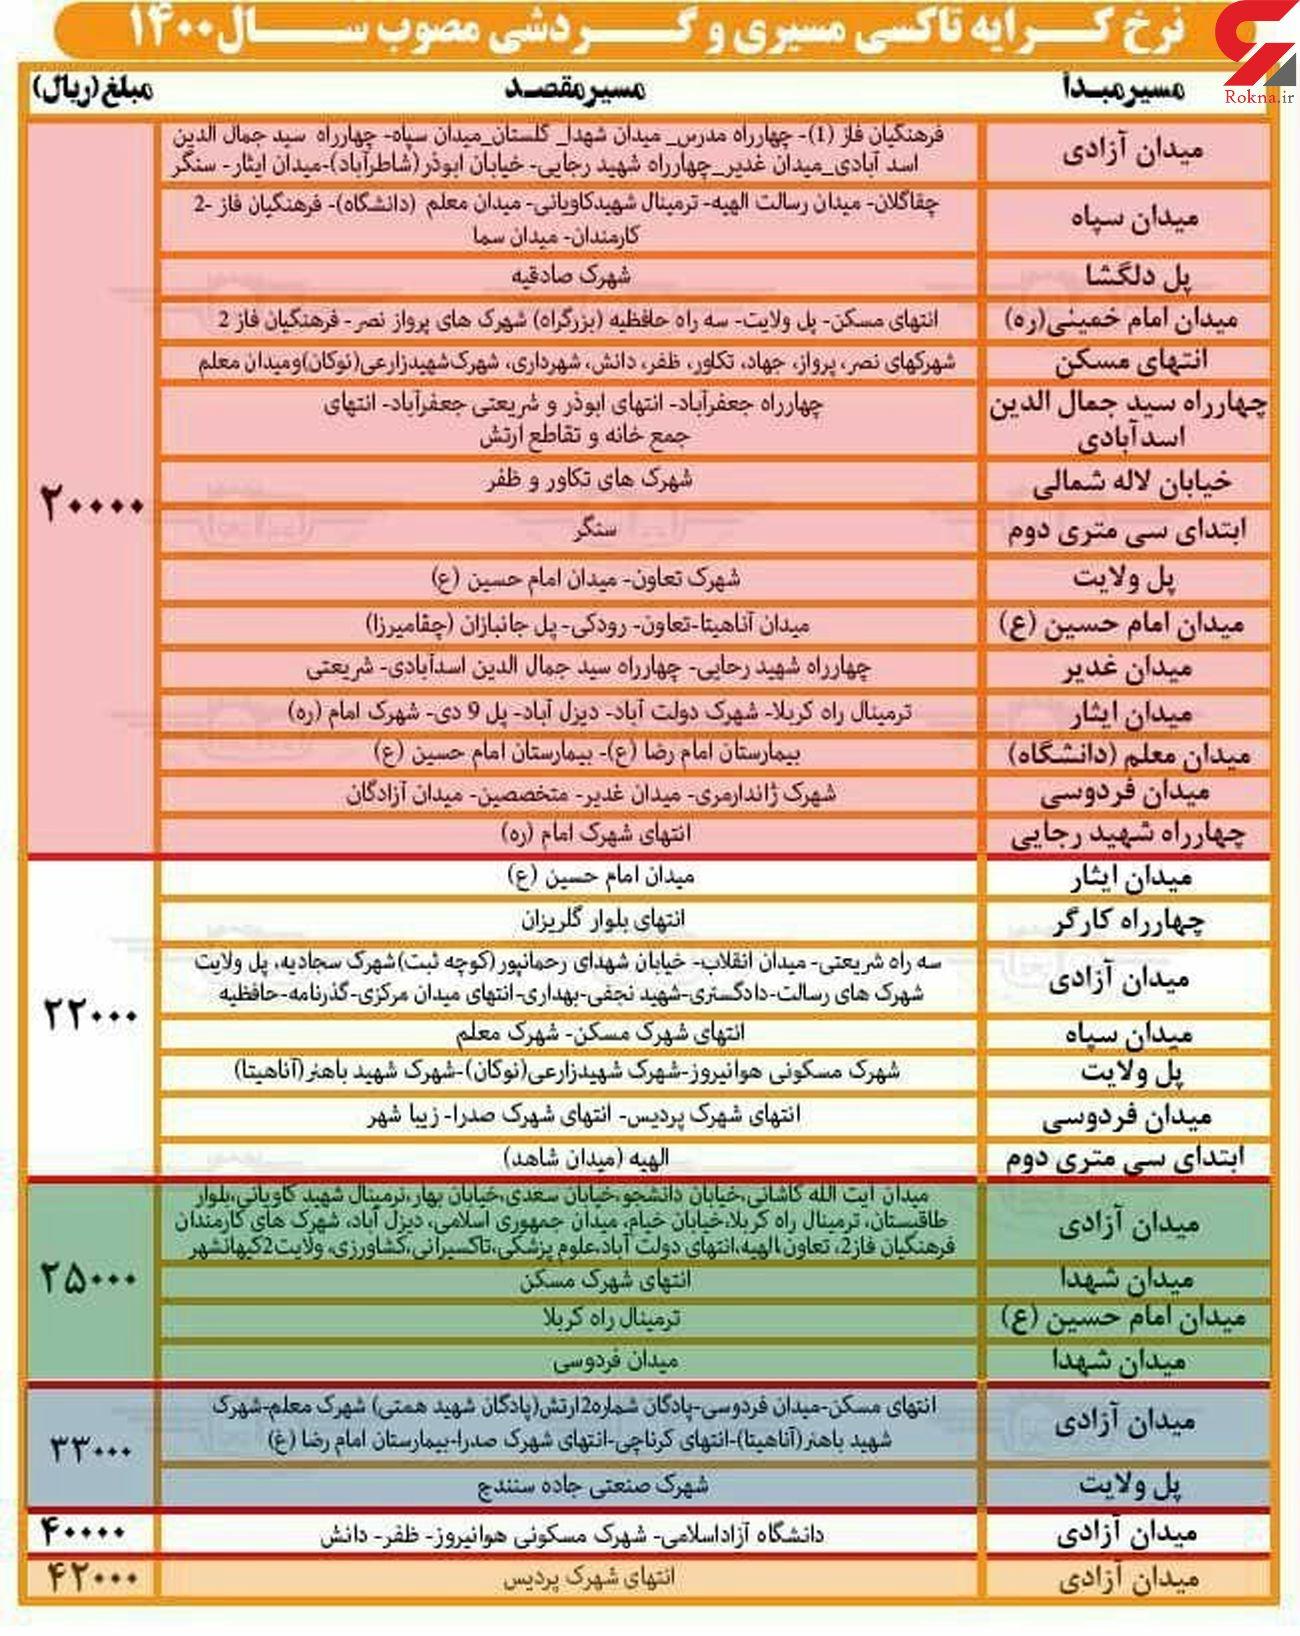 نرخ جدید کرایه تاکسی در کرمانشاه اعلام شد/ جدول قیمت